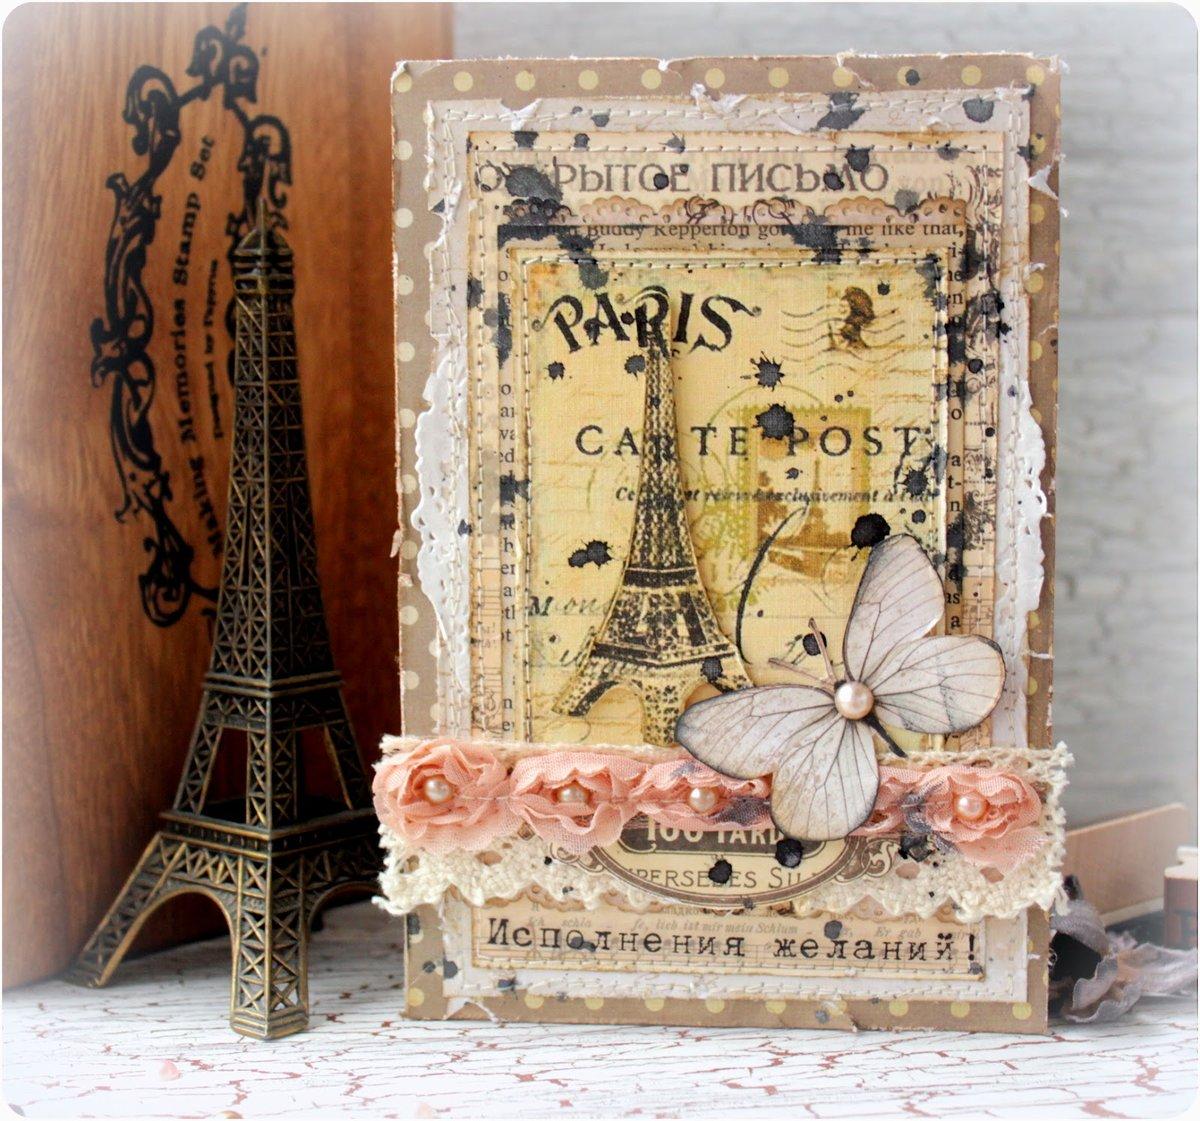 Цветы конфетами, открытка в стиле скрапбукинга